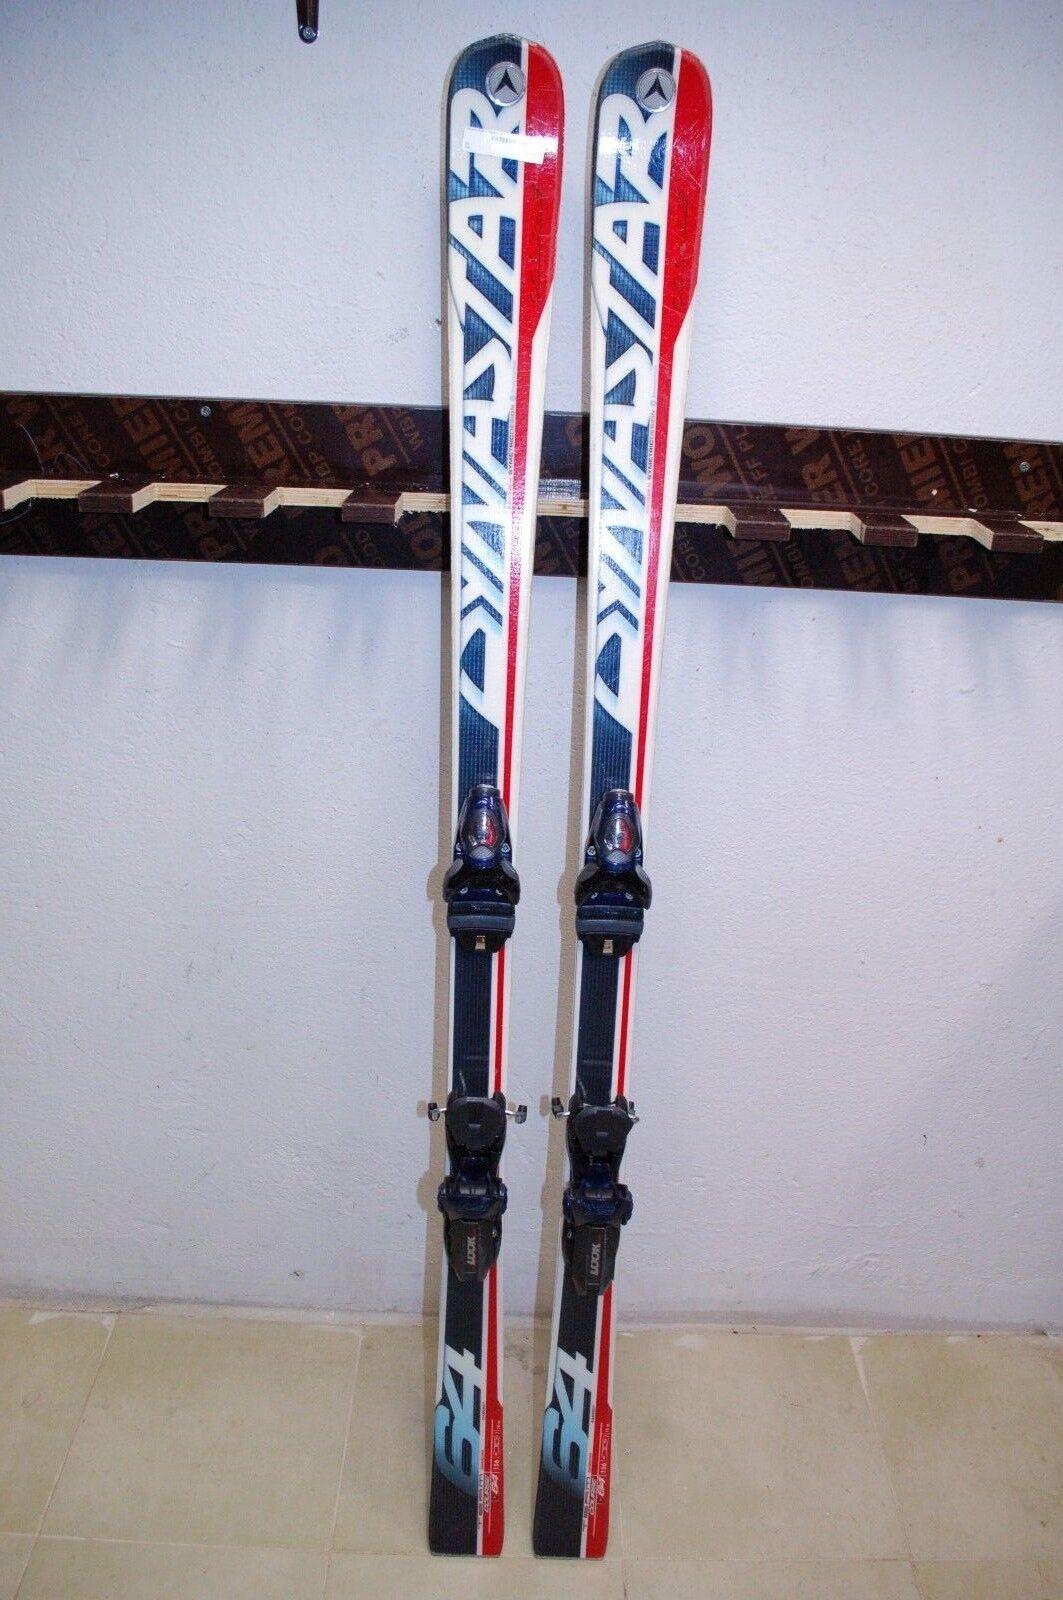 Dynastar Team Course 64 156 cm Ski + Look FX Team 10 Bindings